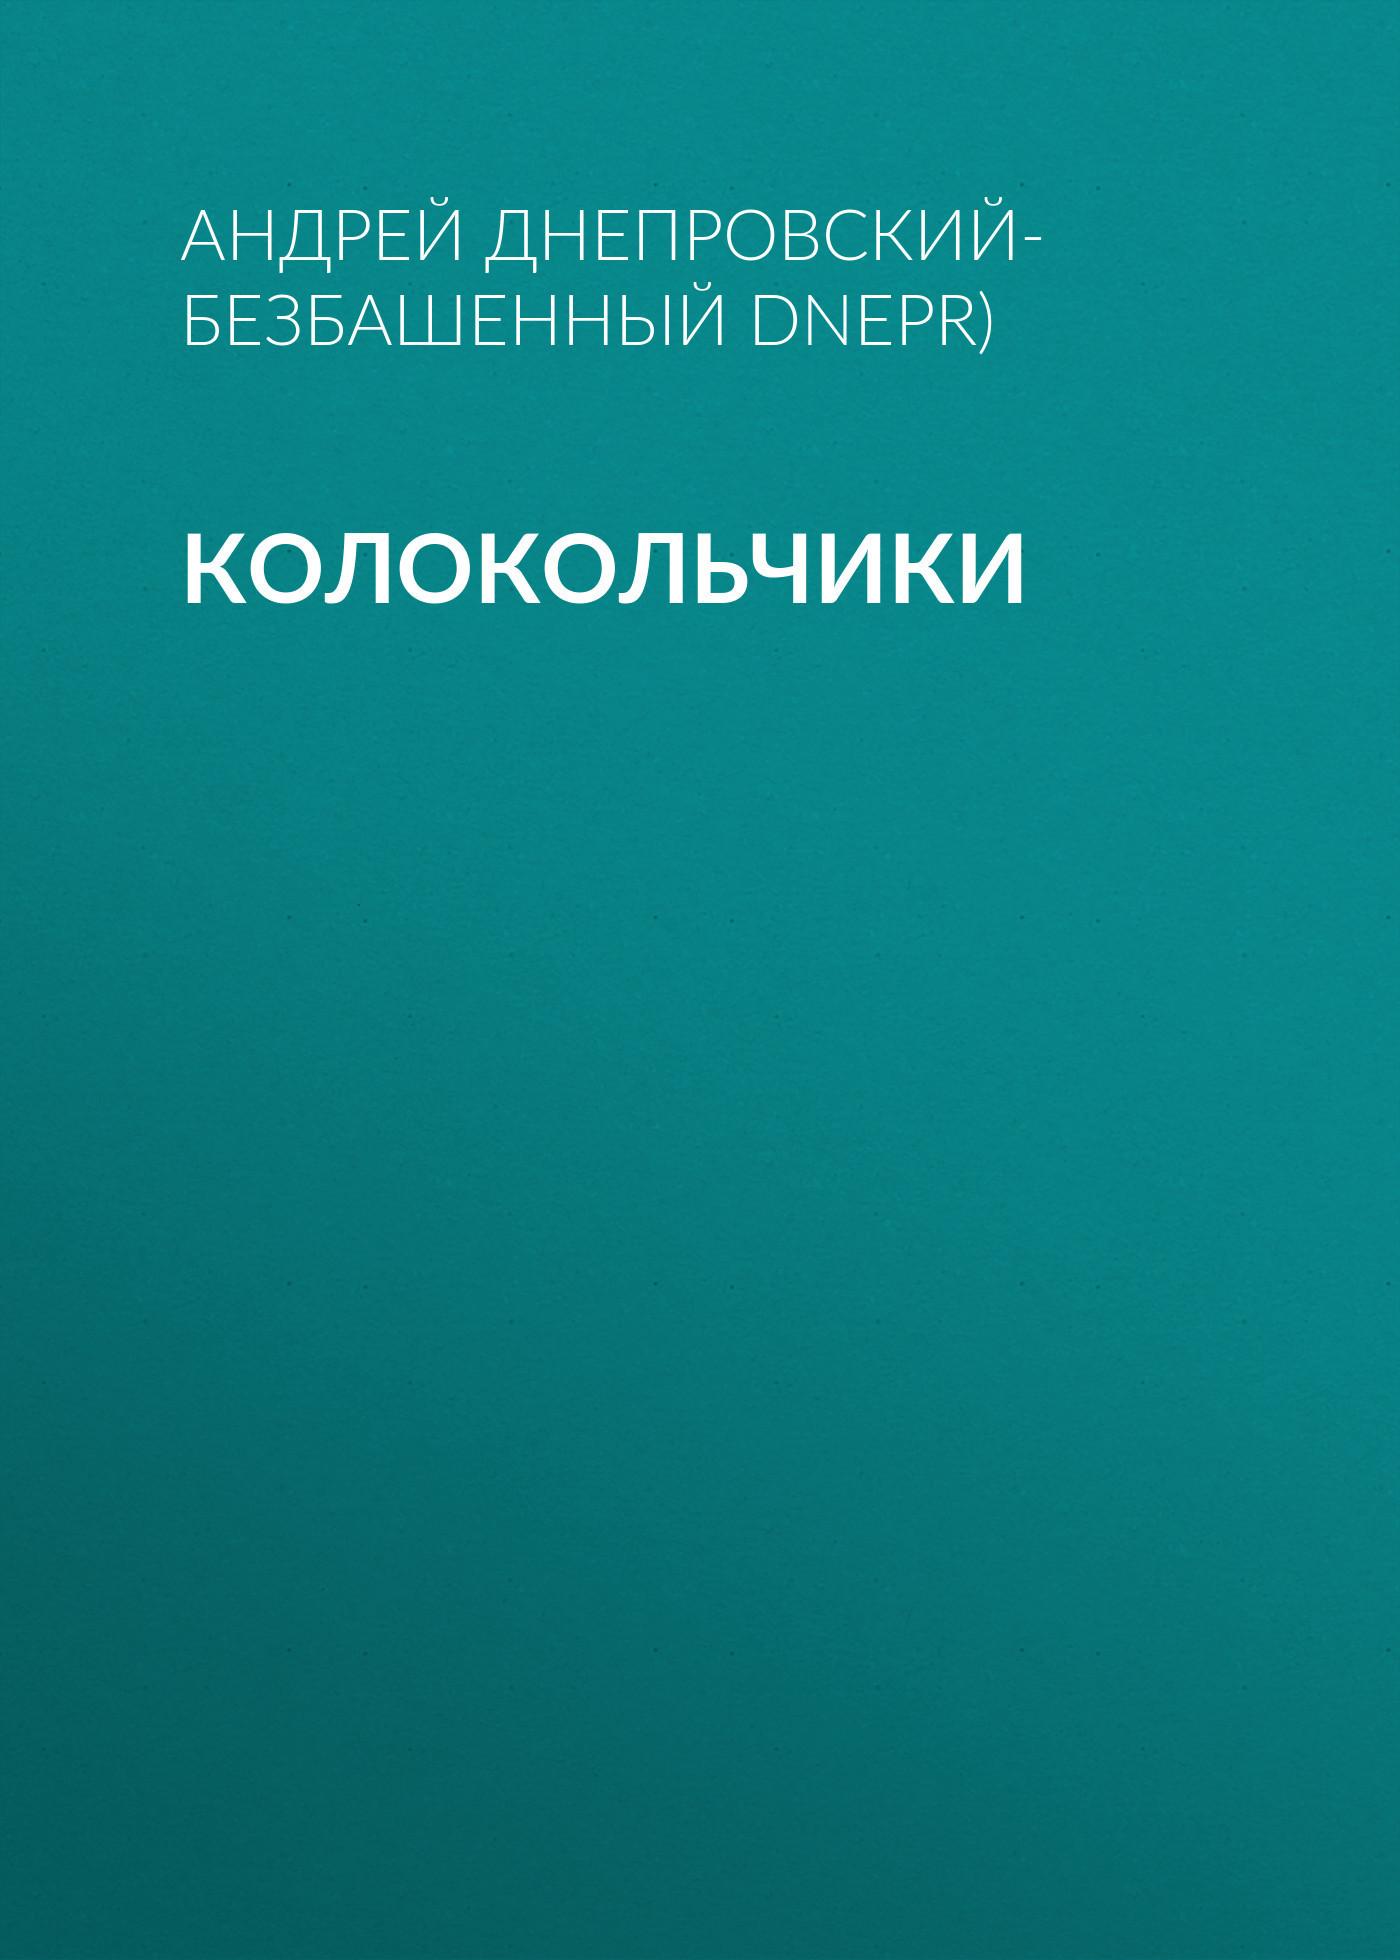 Андрей Днепровский-Безбашенный (A.DNEPR) Колокольчики